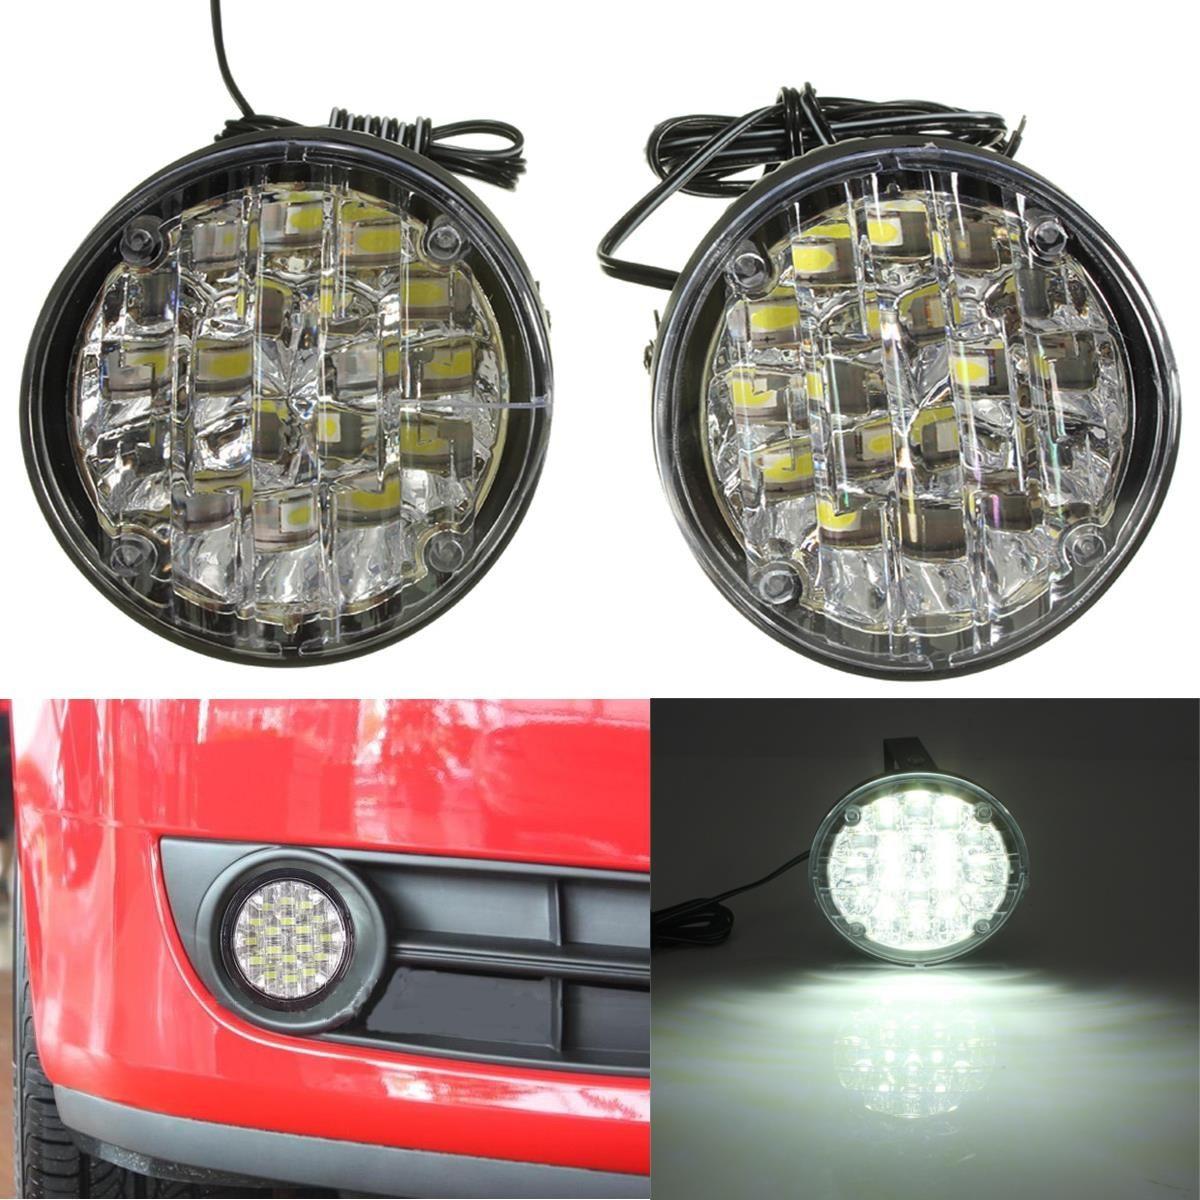 2 stücke 12 v 18 LED Runde Auto Fahren Tagfahrlicht DRL Nebel Lampe Helle Weiße Auto LED Offroad arbeit Licht